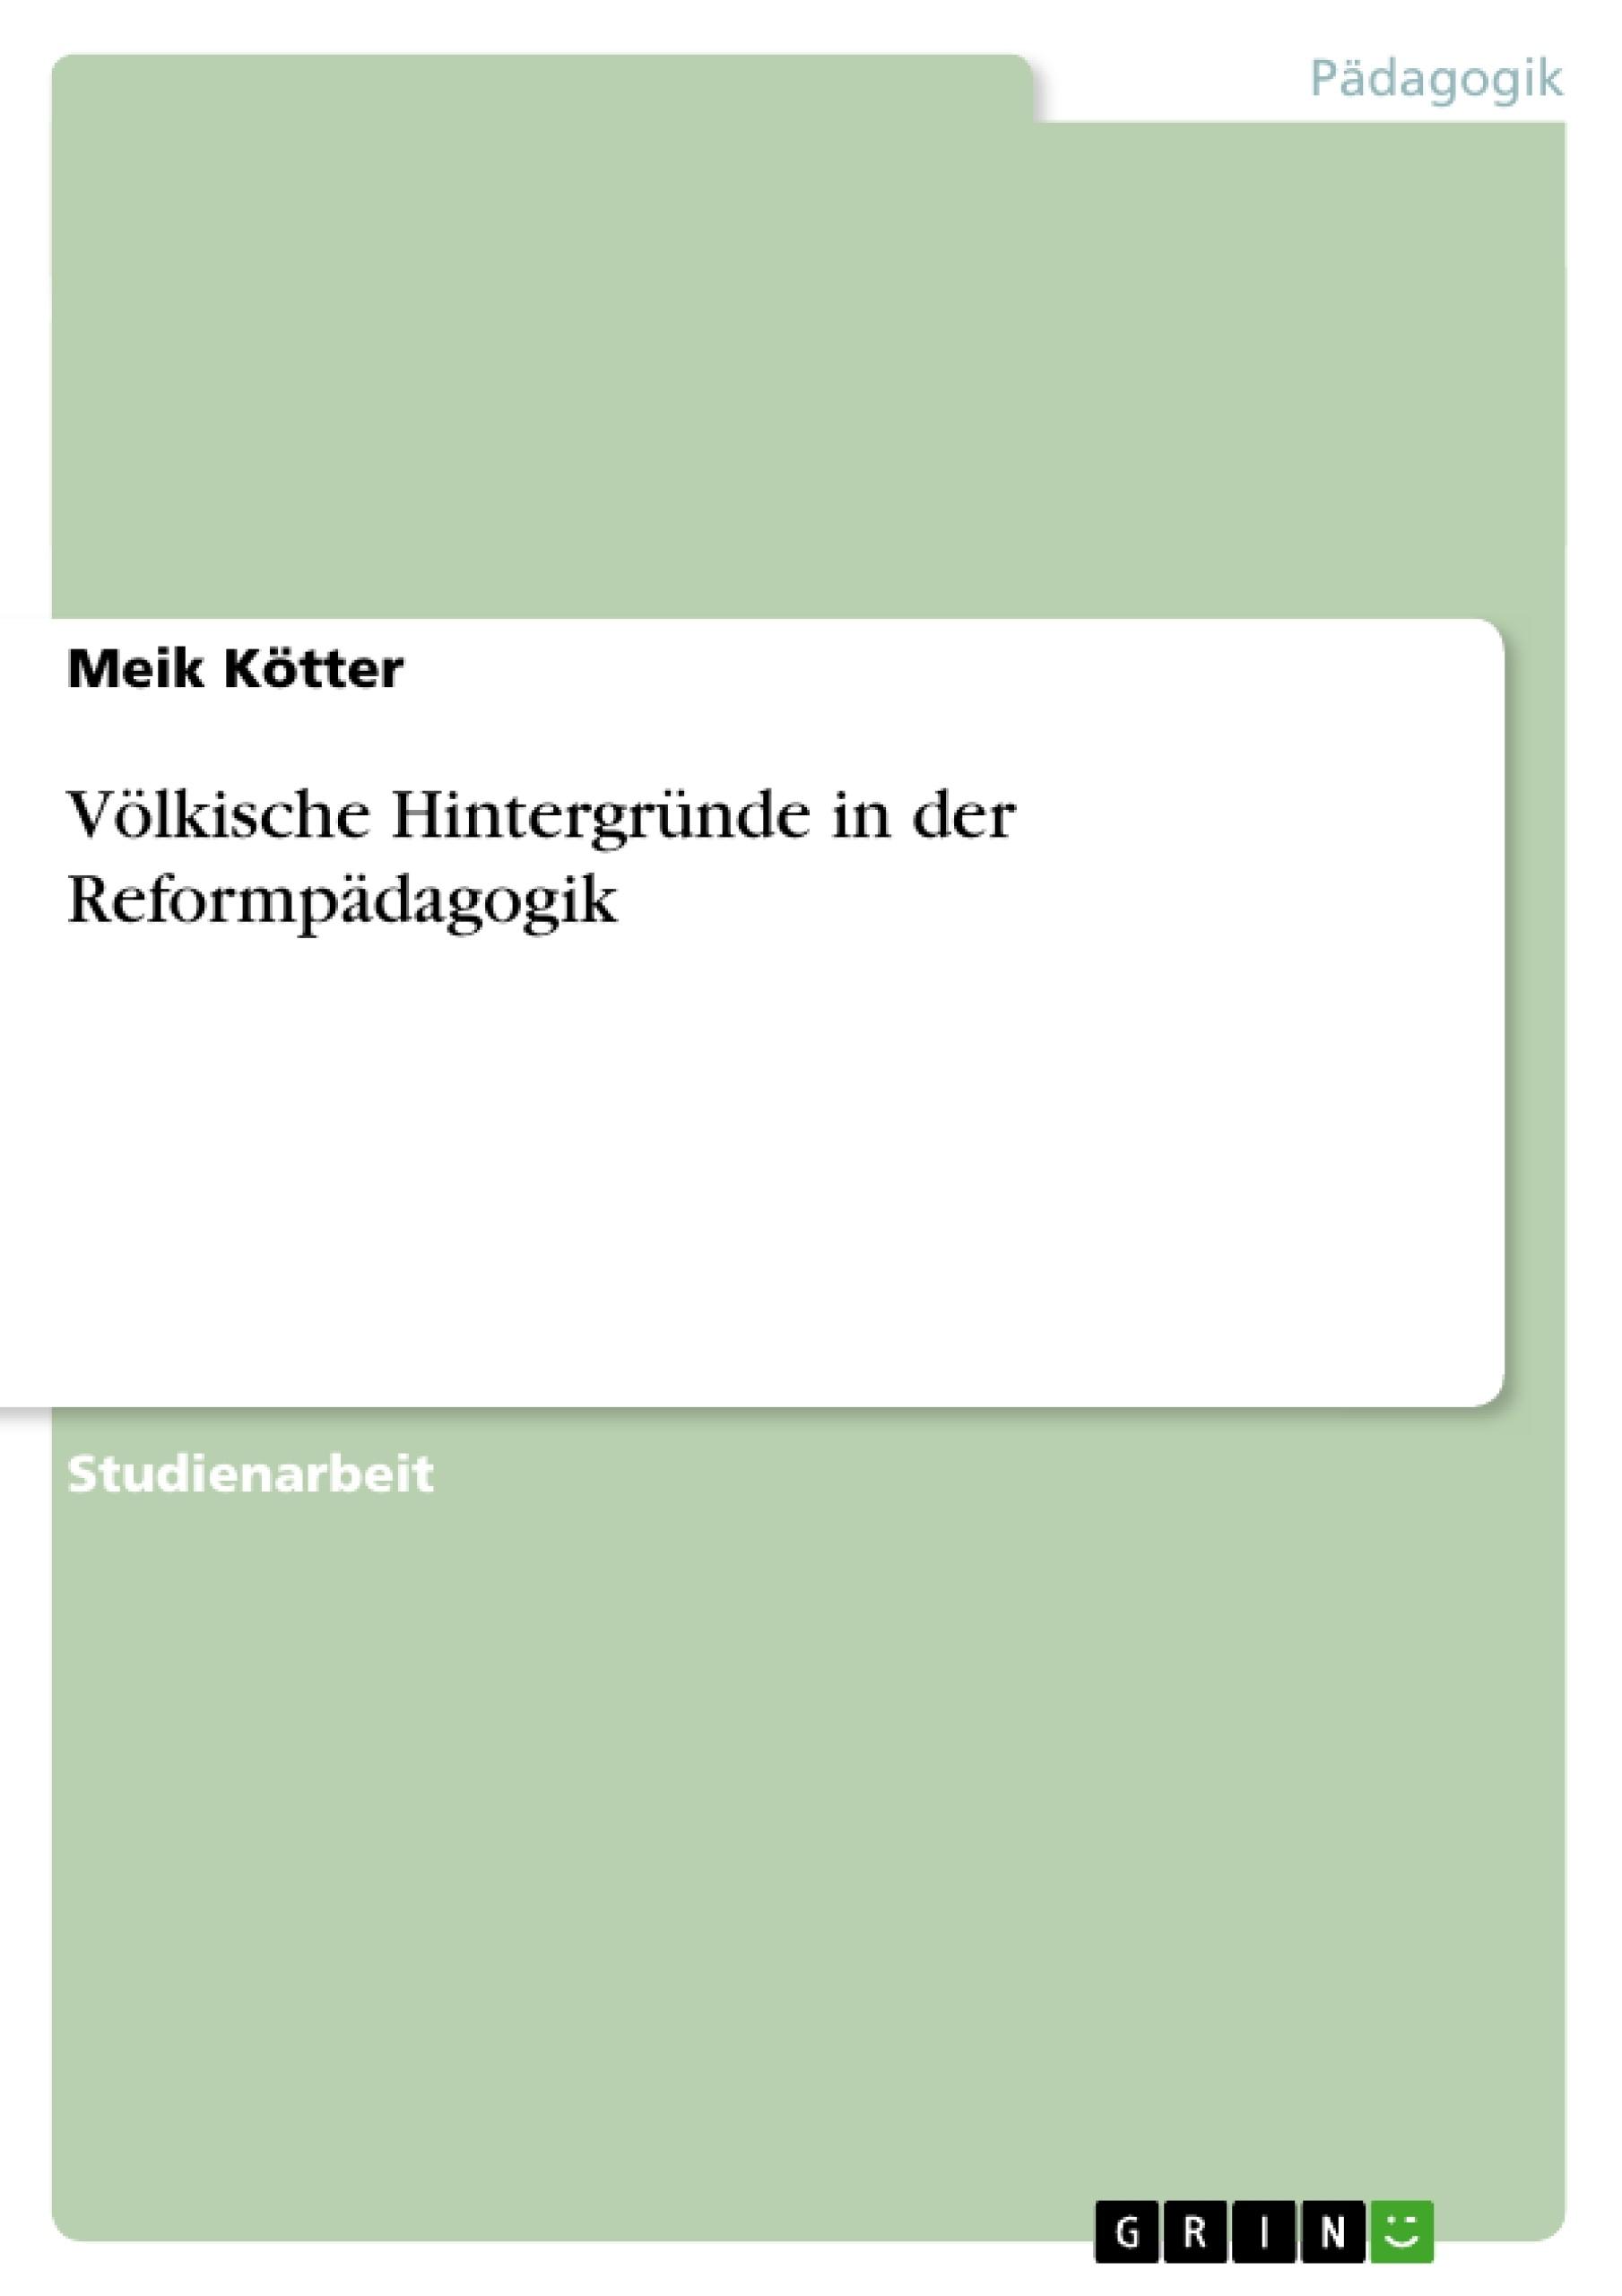 Titel: Völkische Hintergründe in der Reformpädagogik